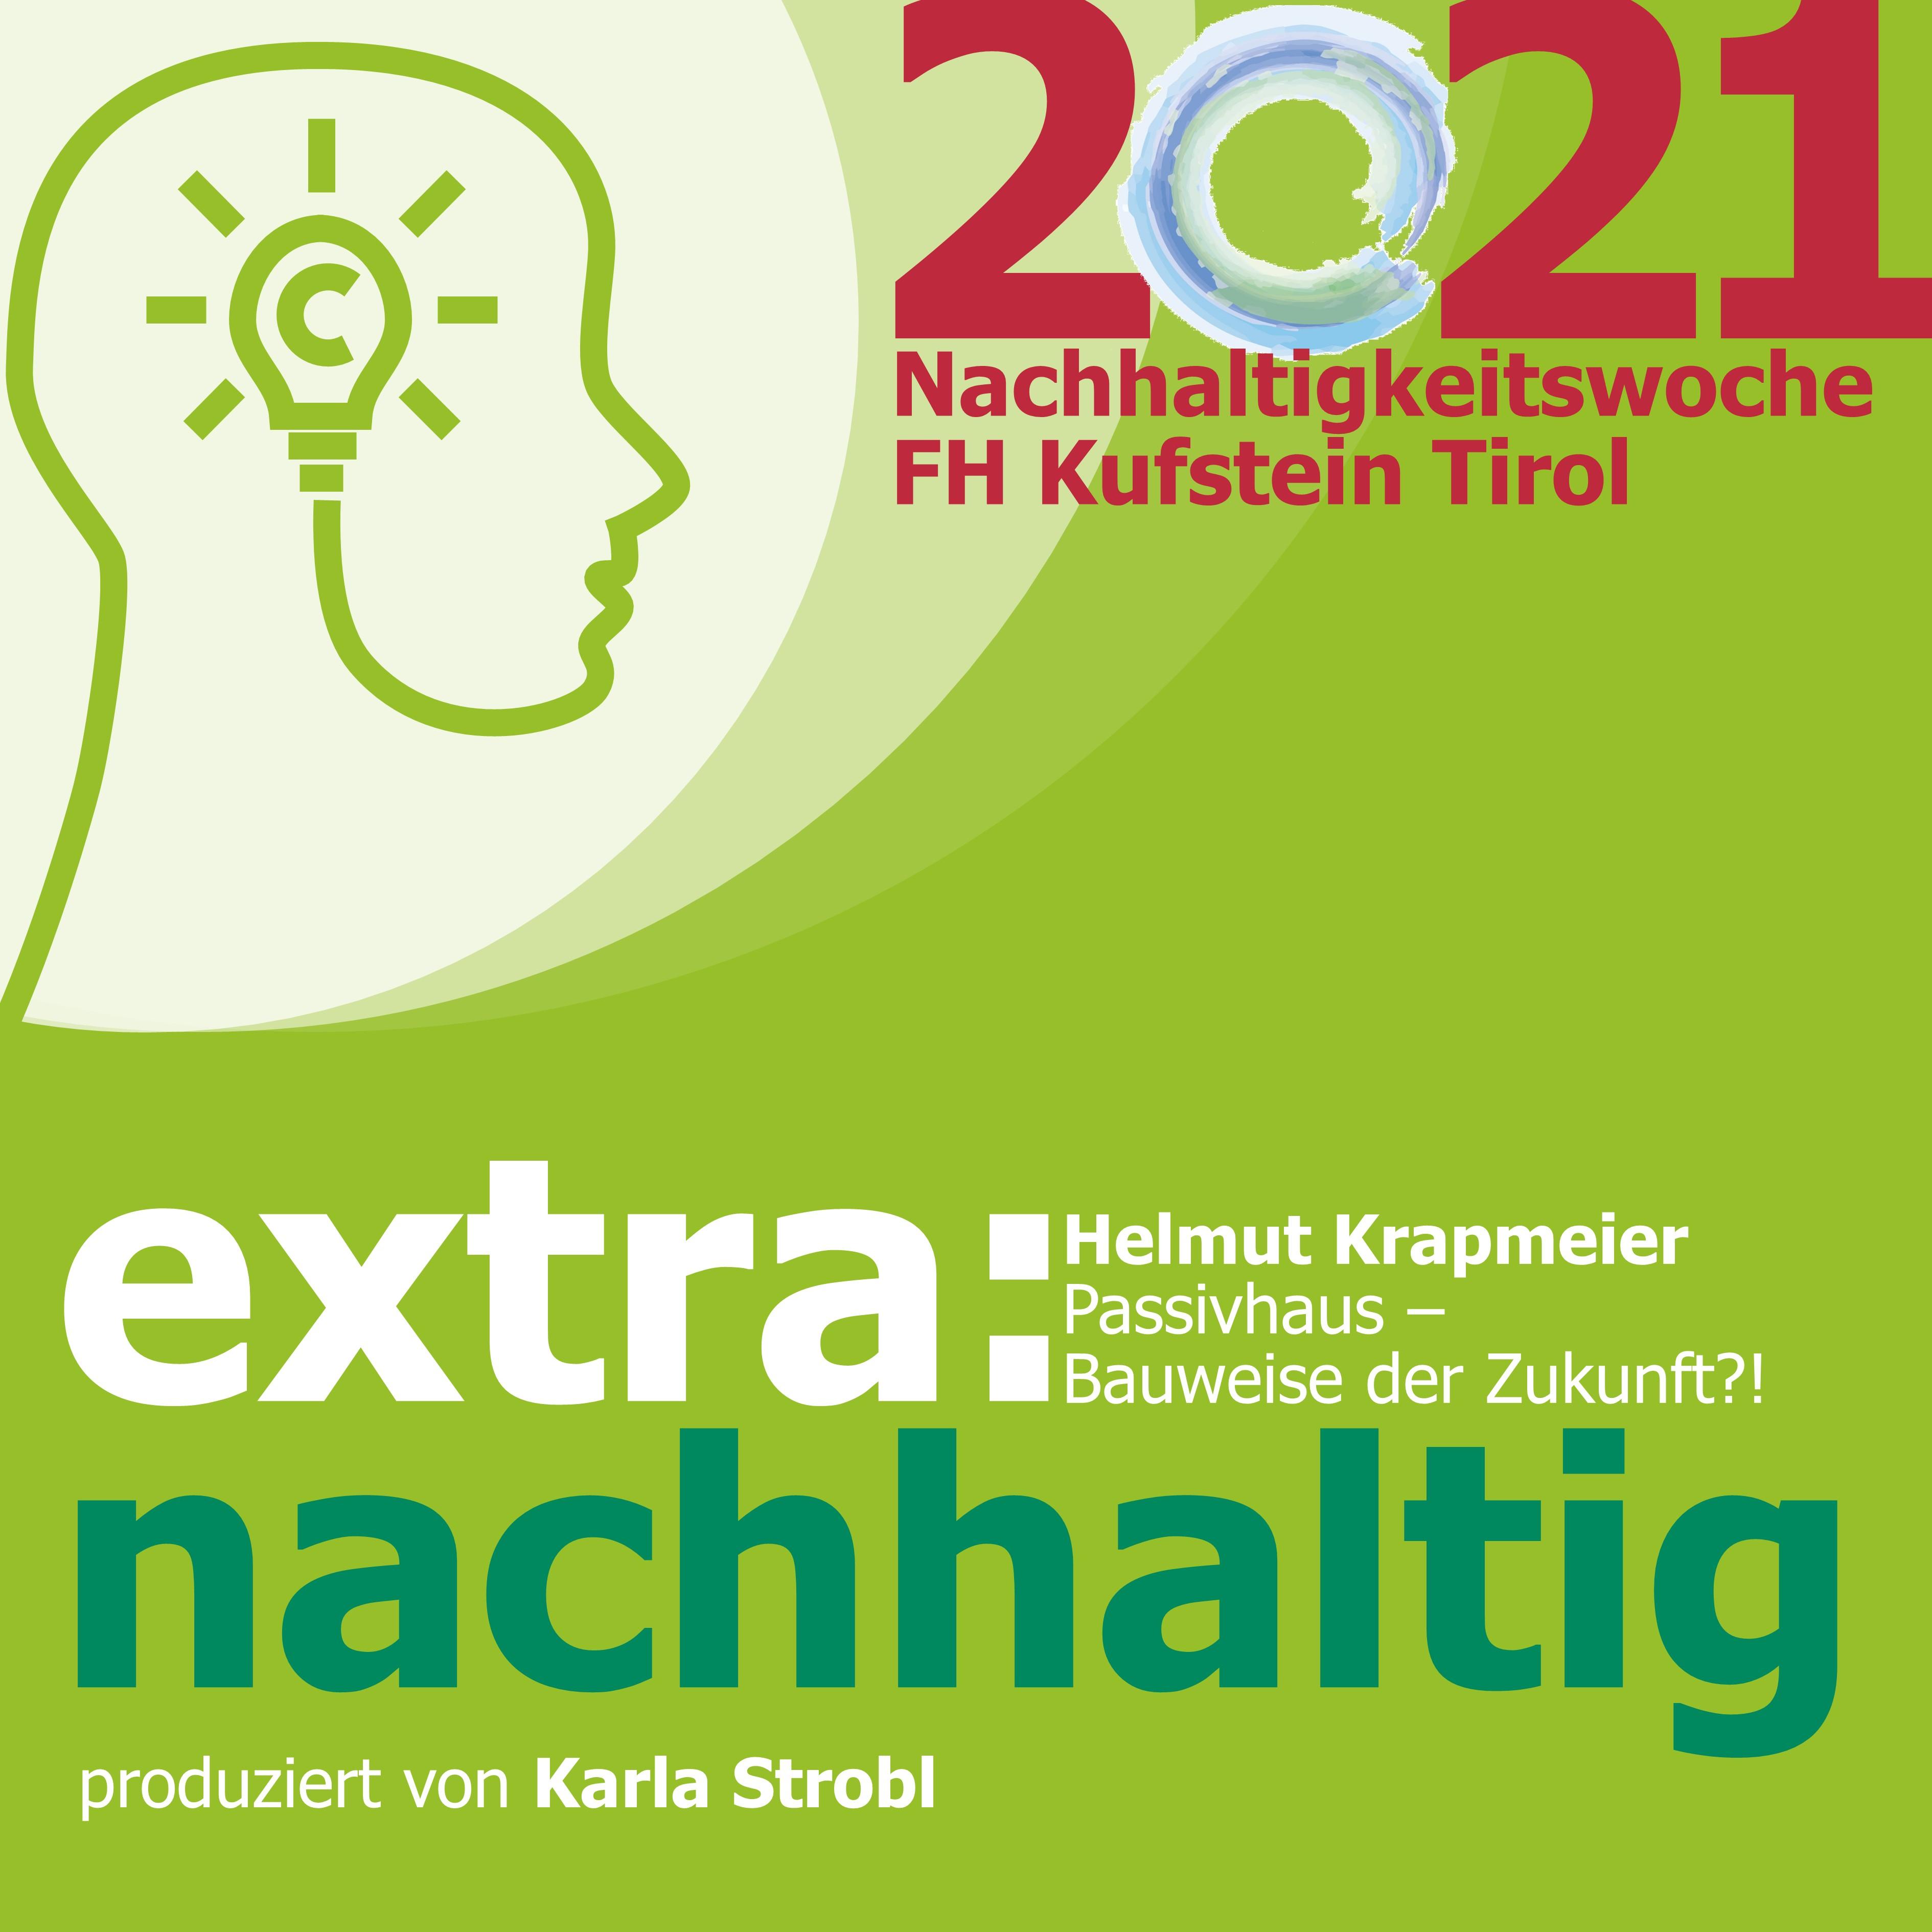 Episode 5 - EXTRA@Nachhaltigkeitswoche2021: Passivhäuser – die Bauweise der Zukunft?. Karla Strobl im Gespräch mit Helmut Krapmeier